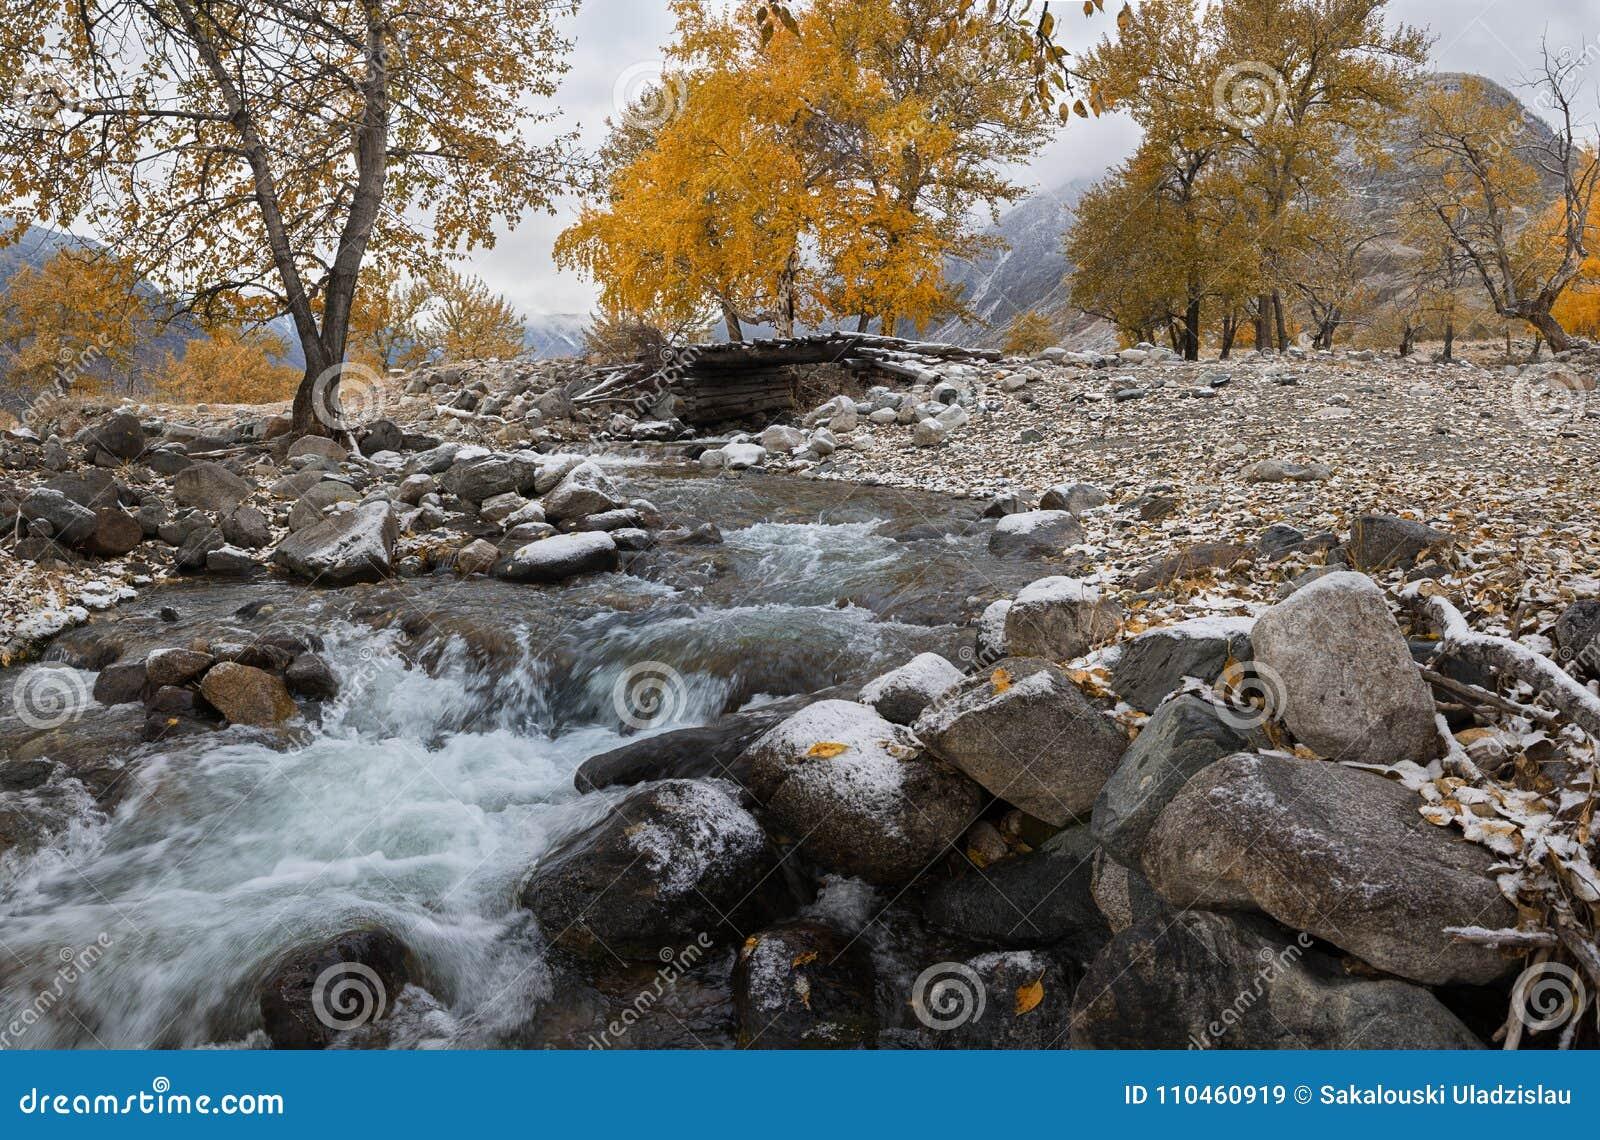 Autumn Landscape With Birches With guld- gul lövverk och förkylningliten vik Autumn Mountain Landscape With River björk och gamla